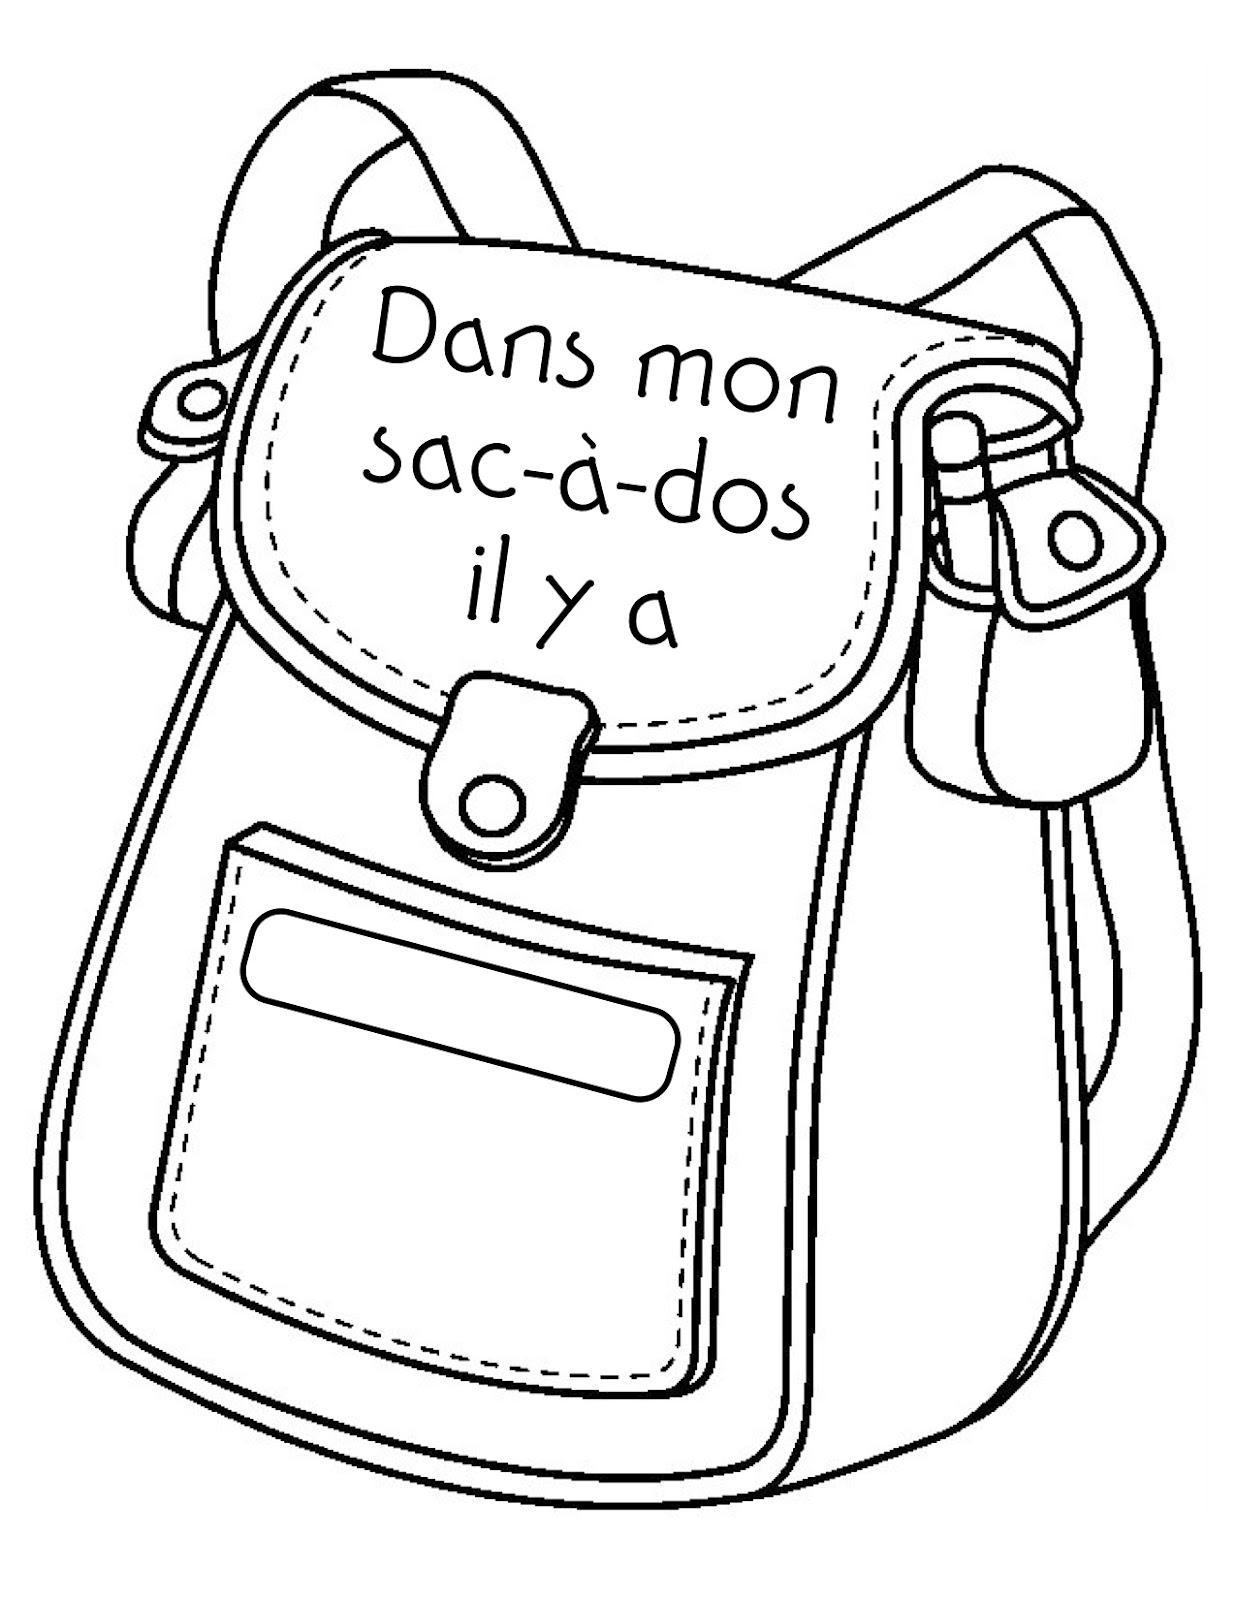 Madame belle feuille dans mon sac dos - Dessin d un cartable ...